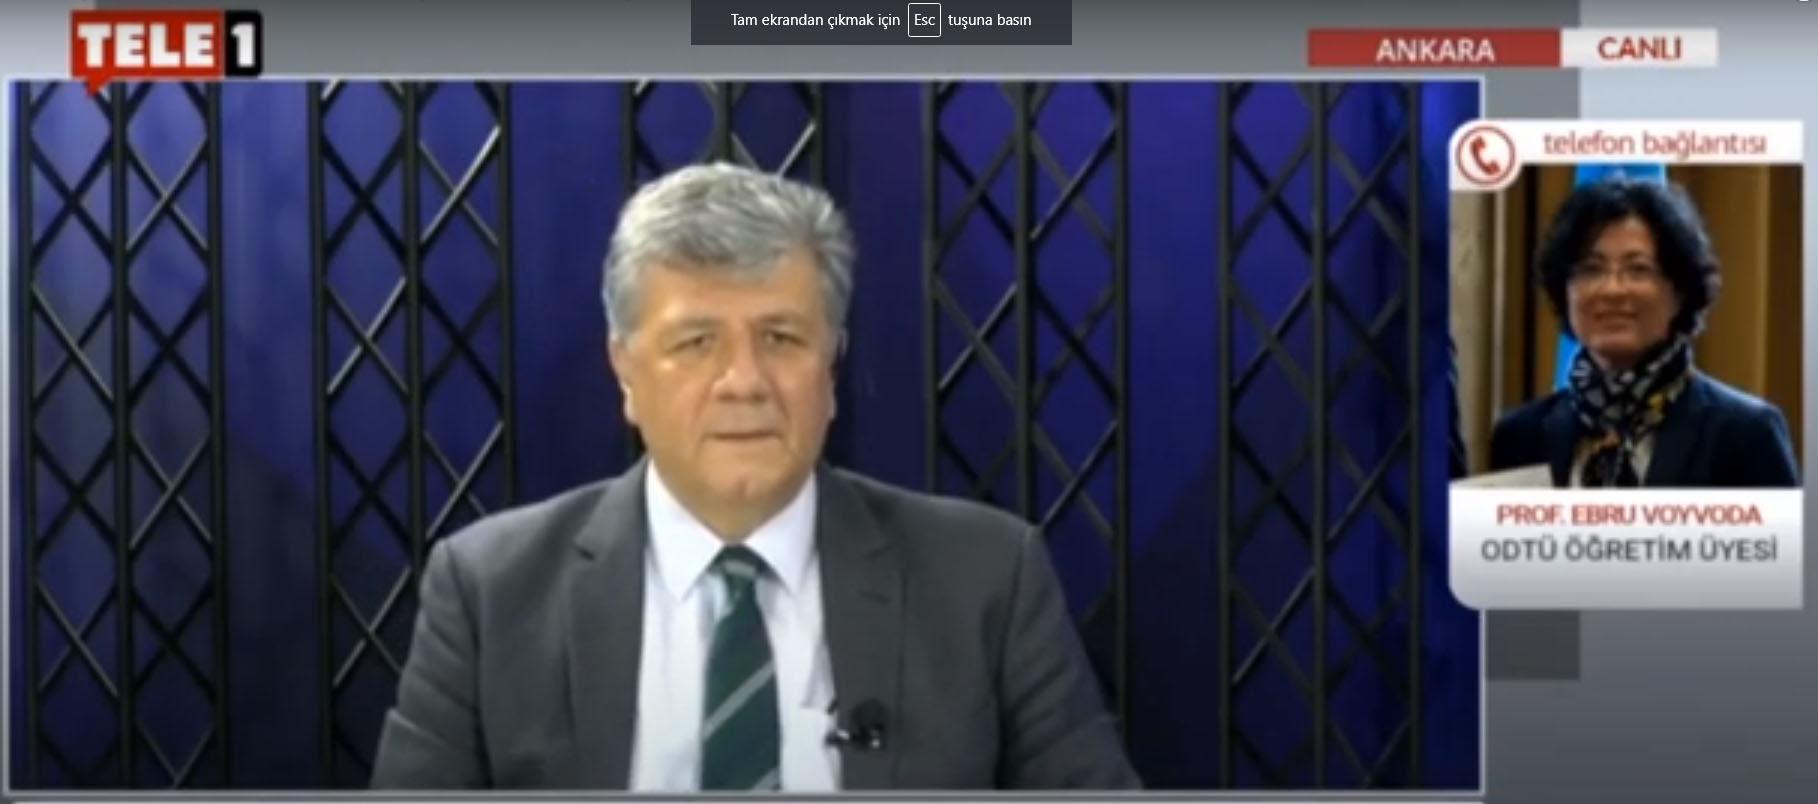 Ekonomide yüksek kredilendirme ve borçlandırma neden çözüm olamaz? Prof. Ebru Voyvoda anlattı